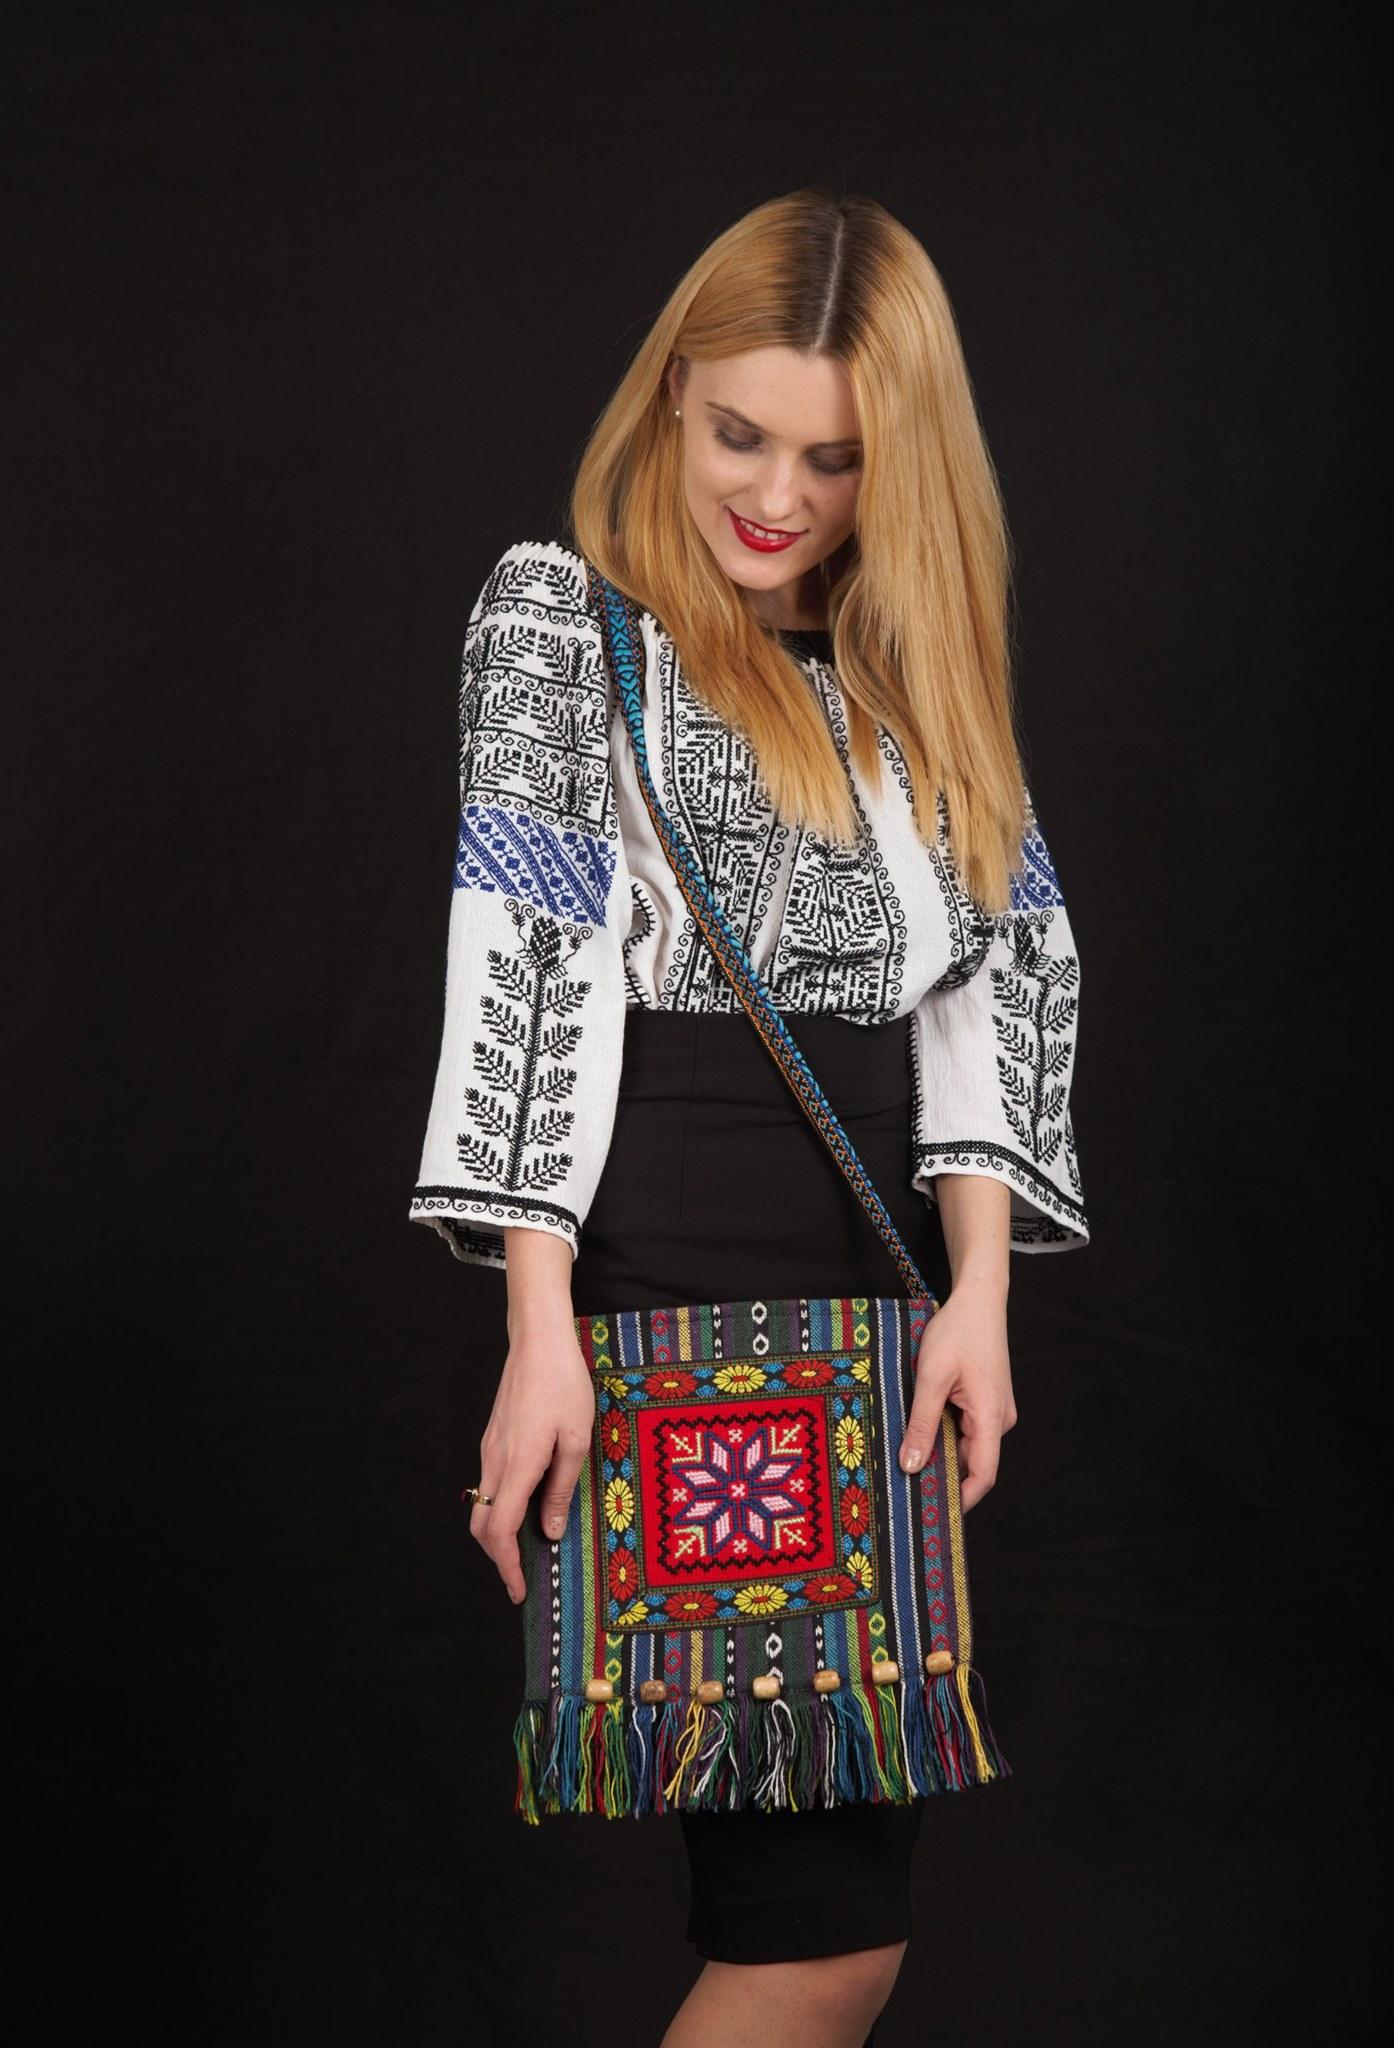 Olga Bodrug